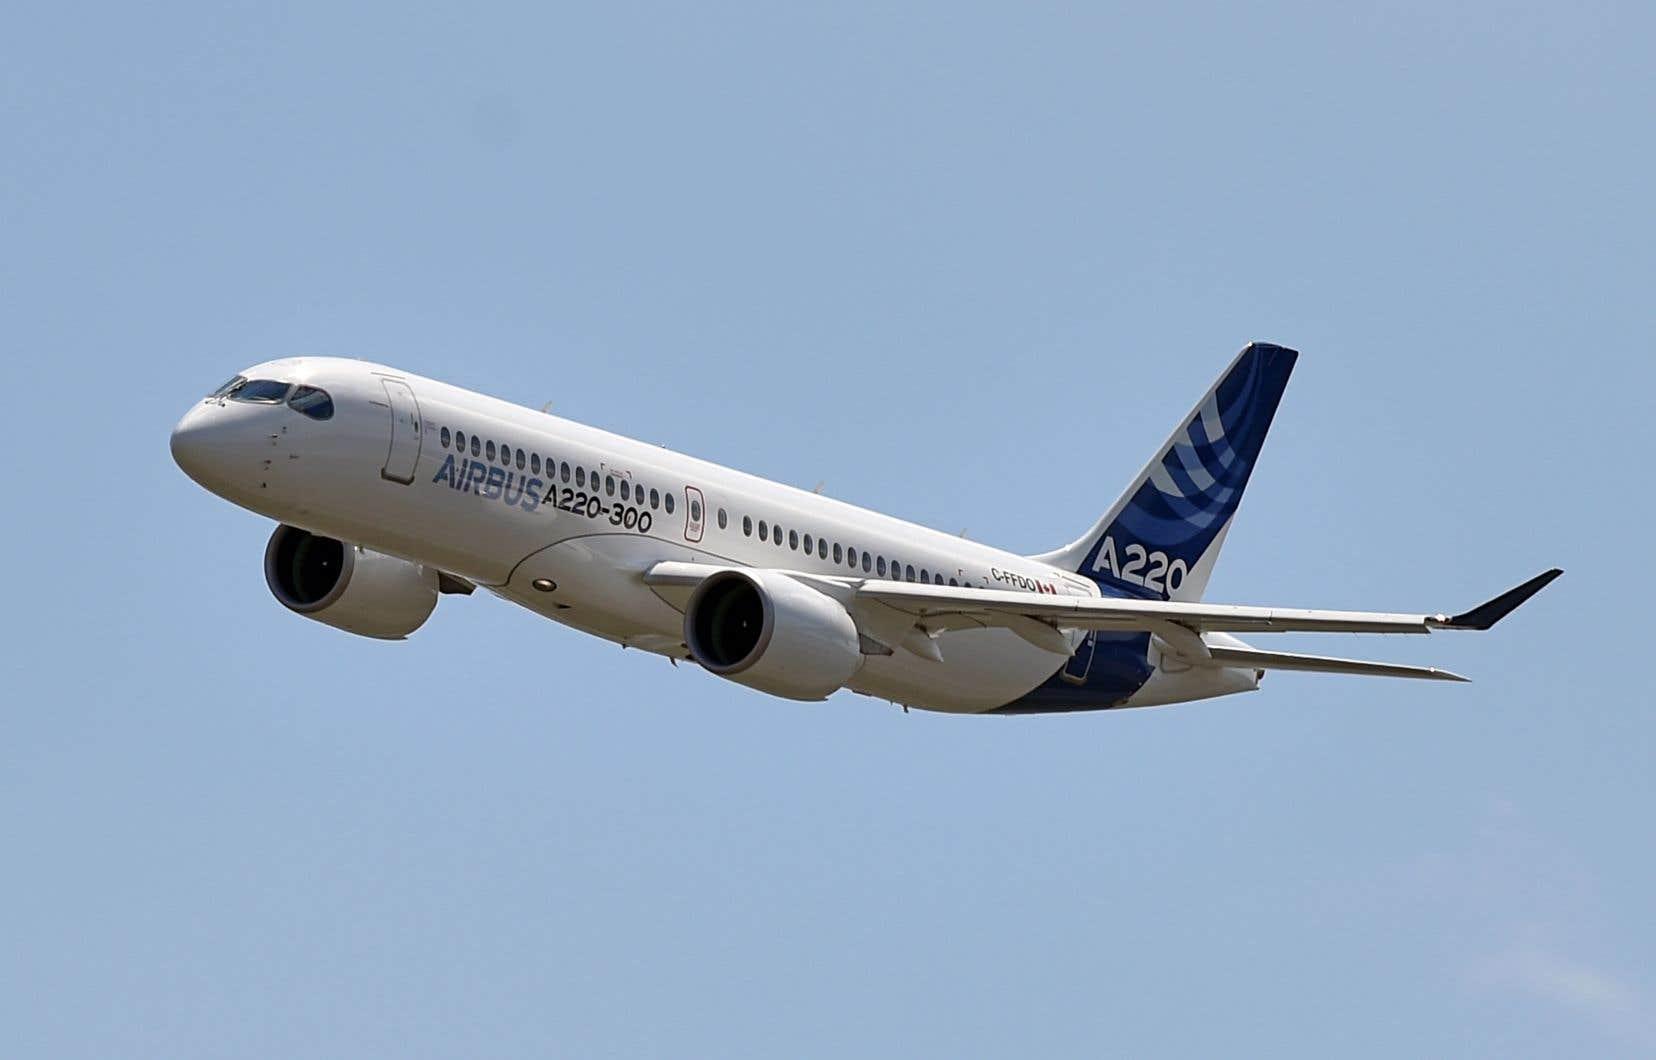 Delta a décidé de convertir certaines commandes, ce qui fait en sorte que 50 des 90 appareils achetés seront des A220-300.